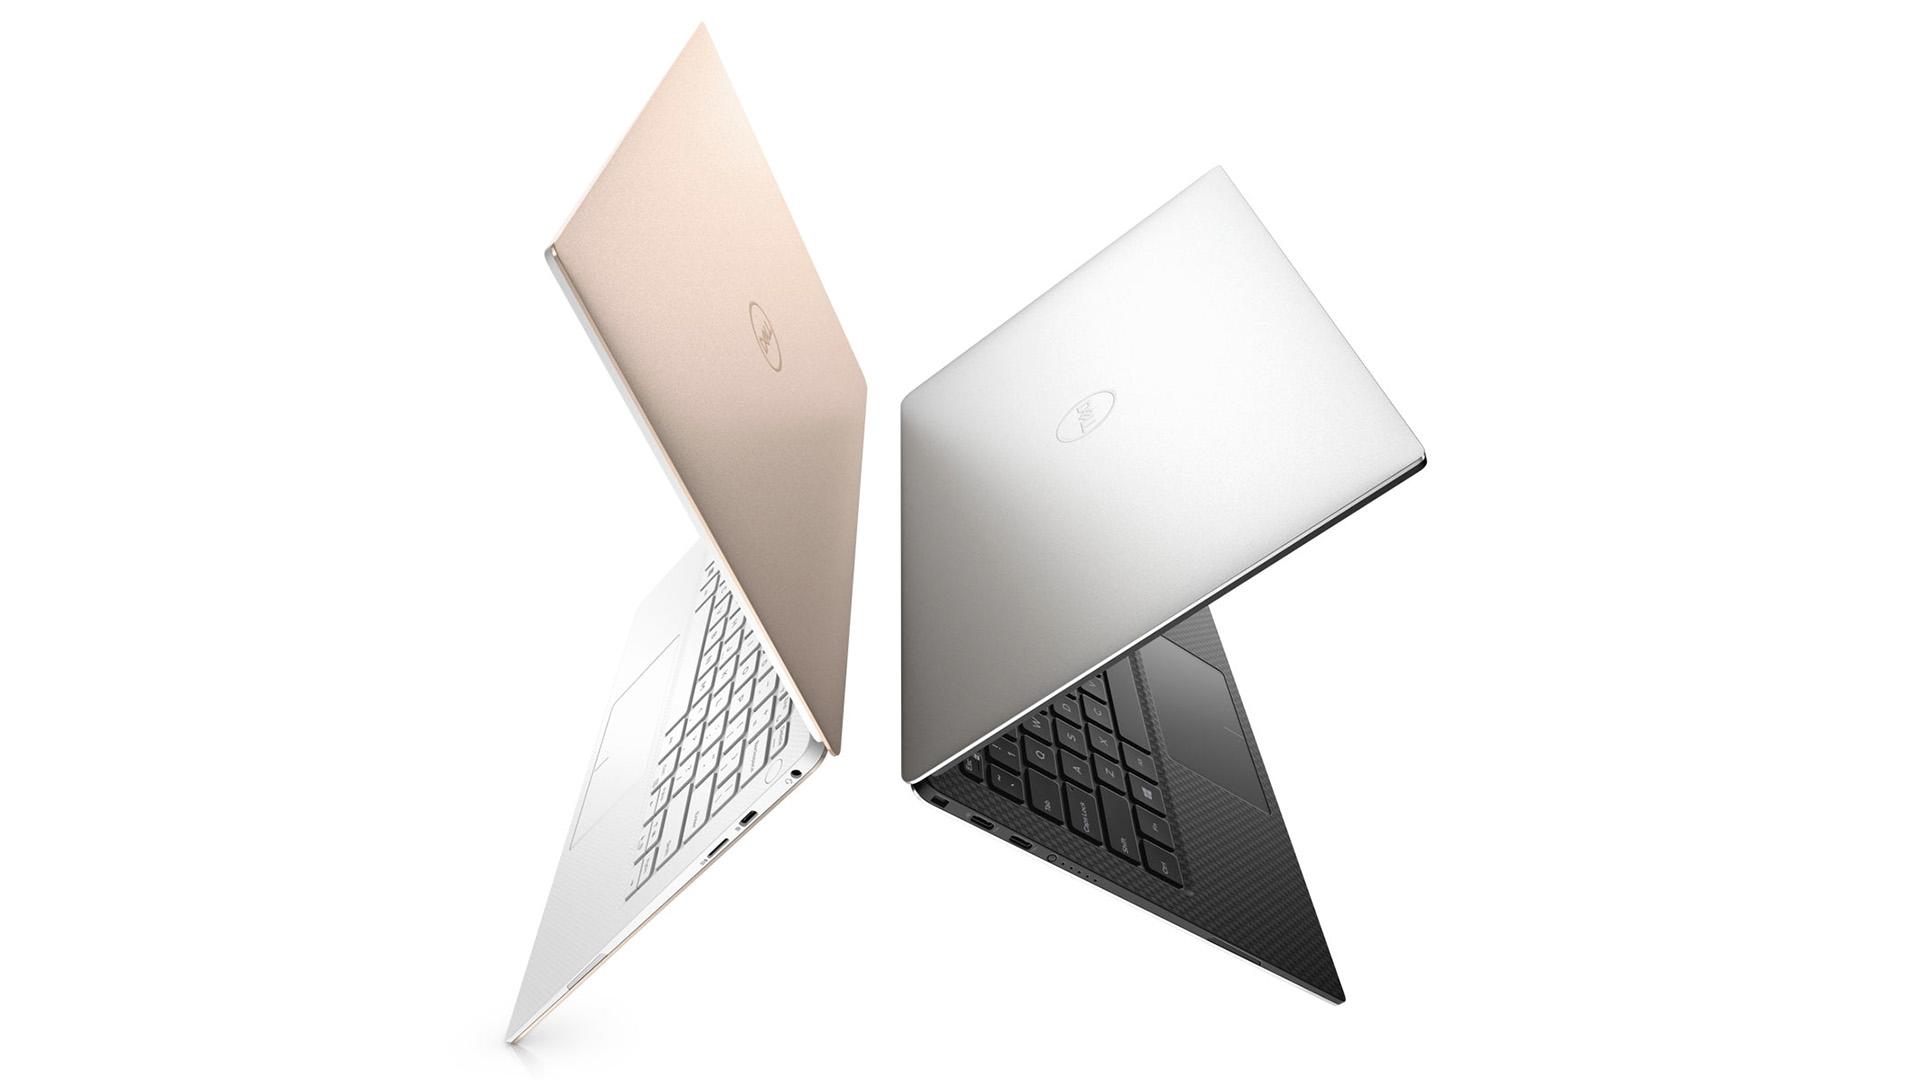 Обзор ноутбука Dell XPS 13 9370: лёгкий, красивый, быстрый - 4